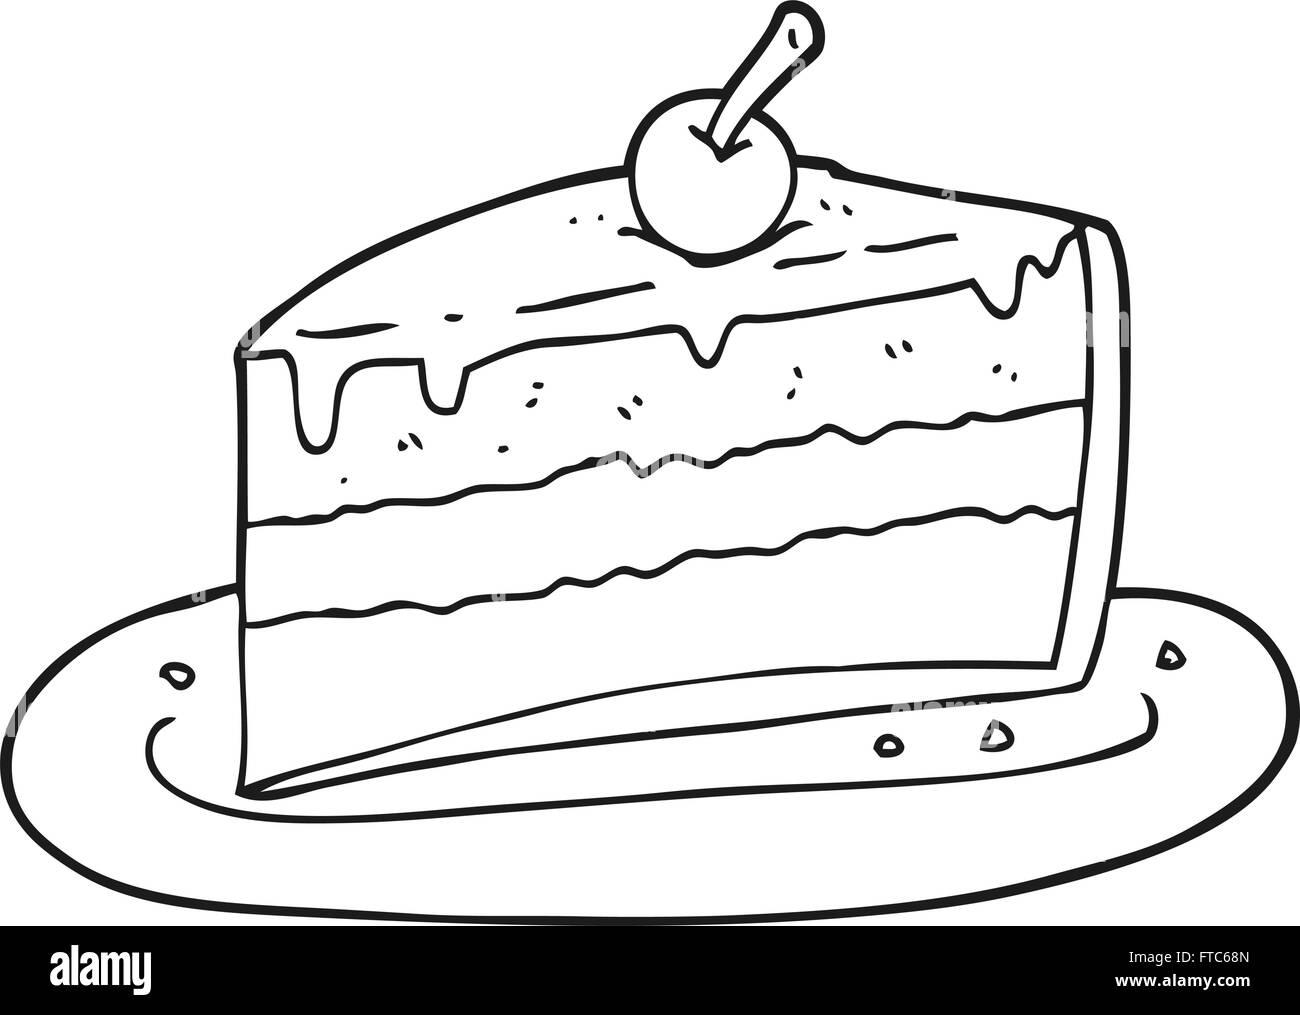 Freihandig Gezeichnet Schwarz Weiss Cartoon Stuck Kuchen Vektor